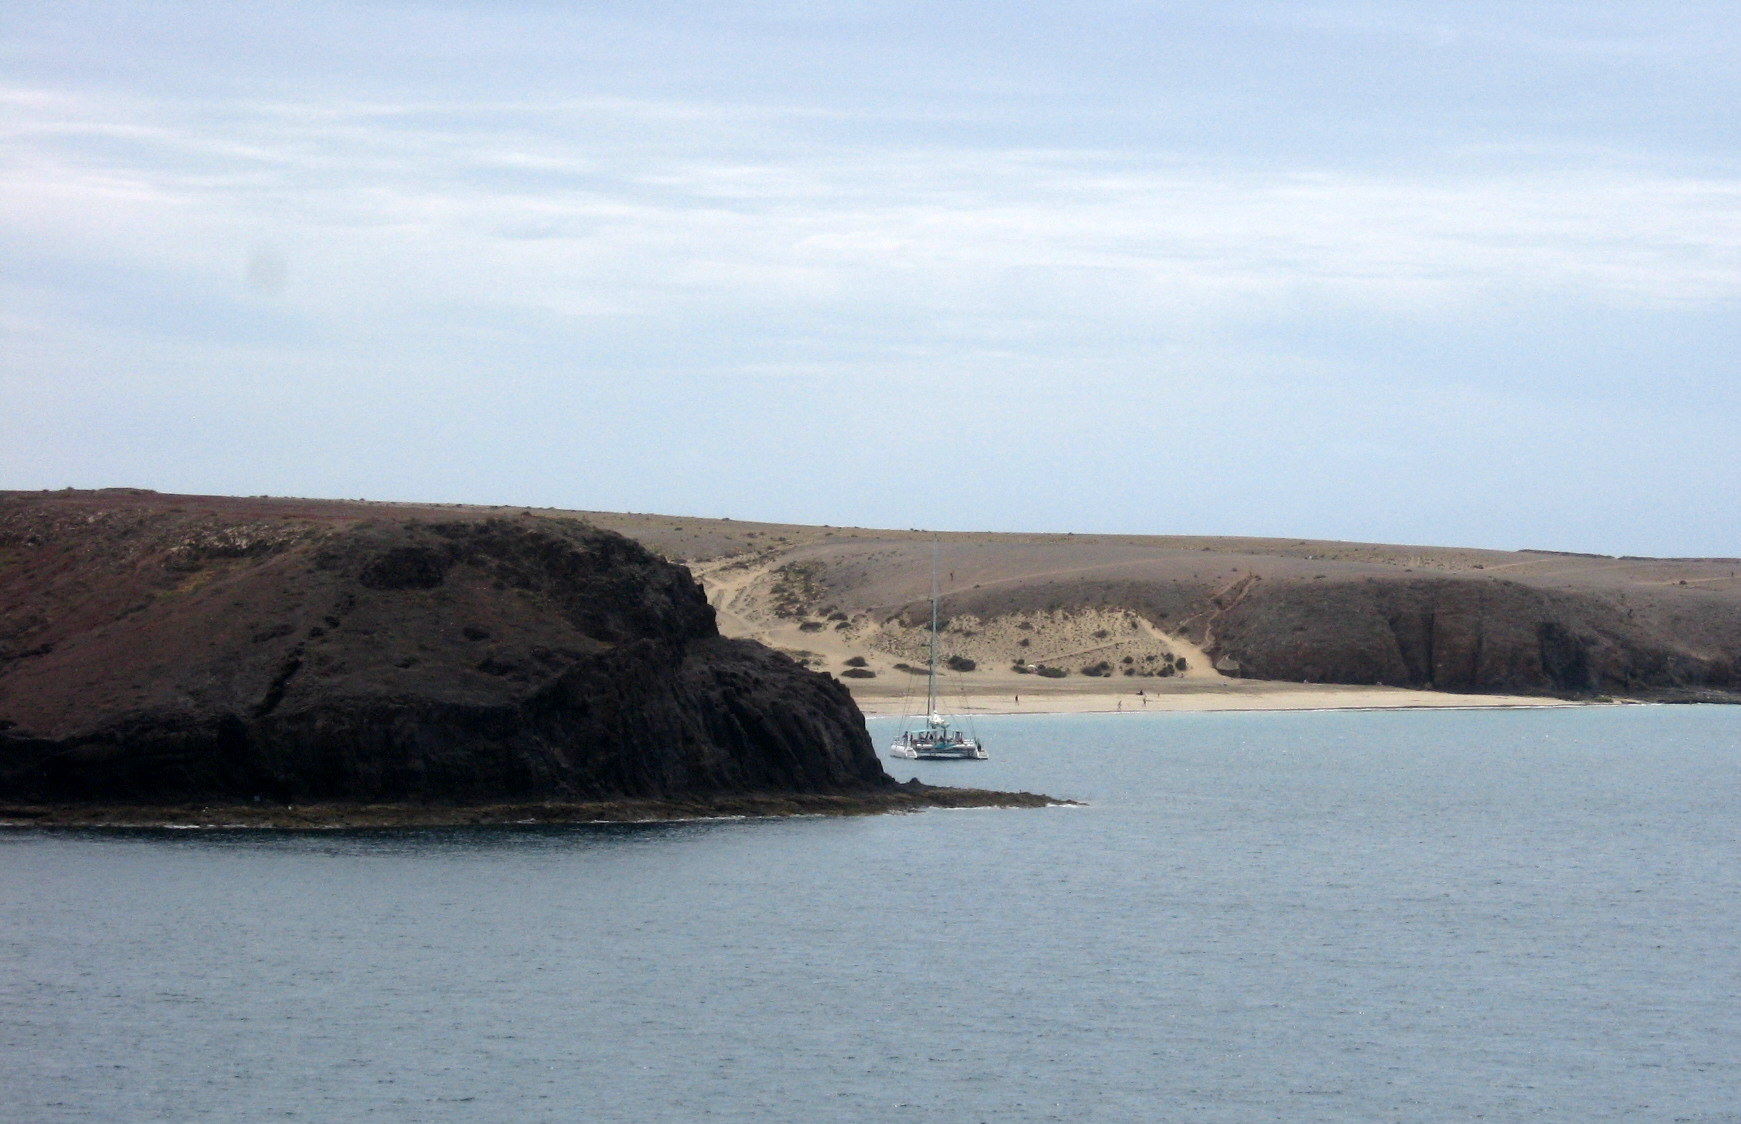 Familienurlaub an der Playa Blanca. Lanzarote. staedtereisen sonne familie europa  IMG 2596